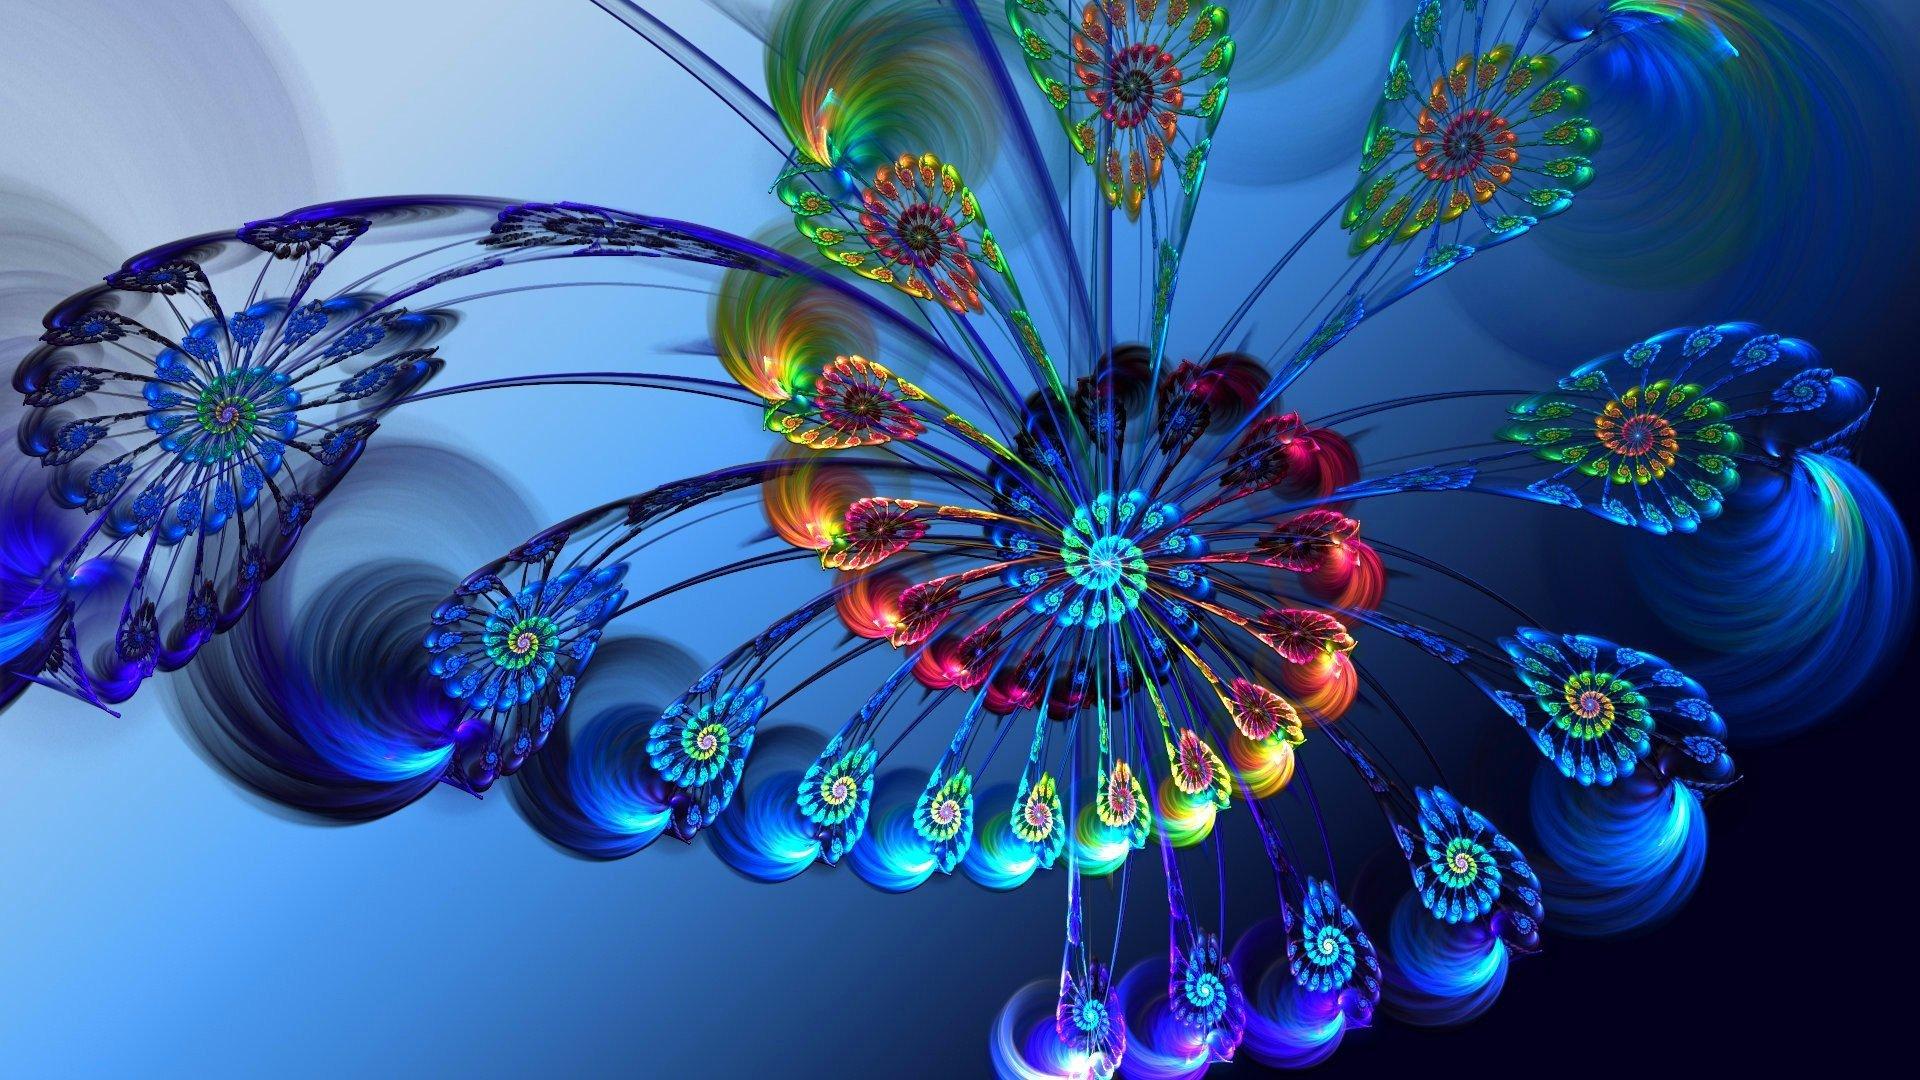 Fondos de pantalla Flores en espiral Arte